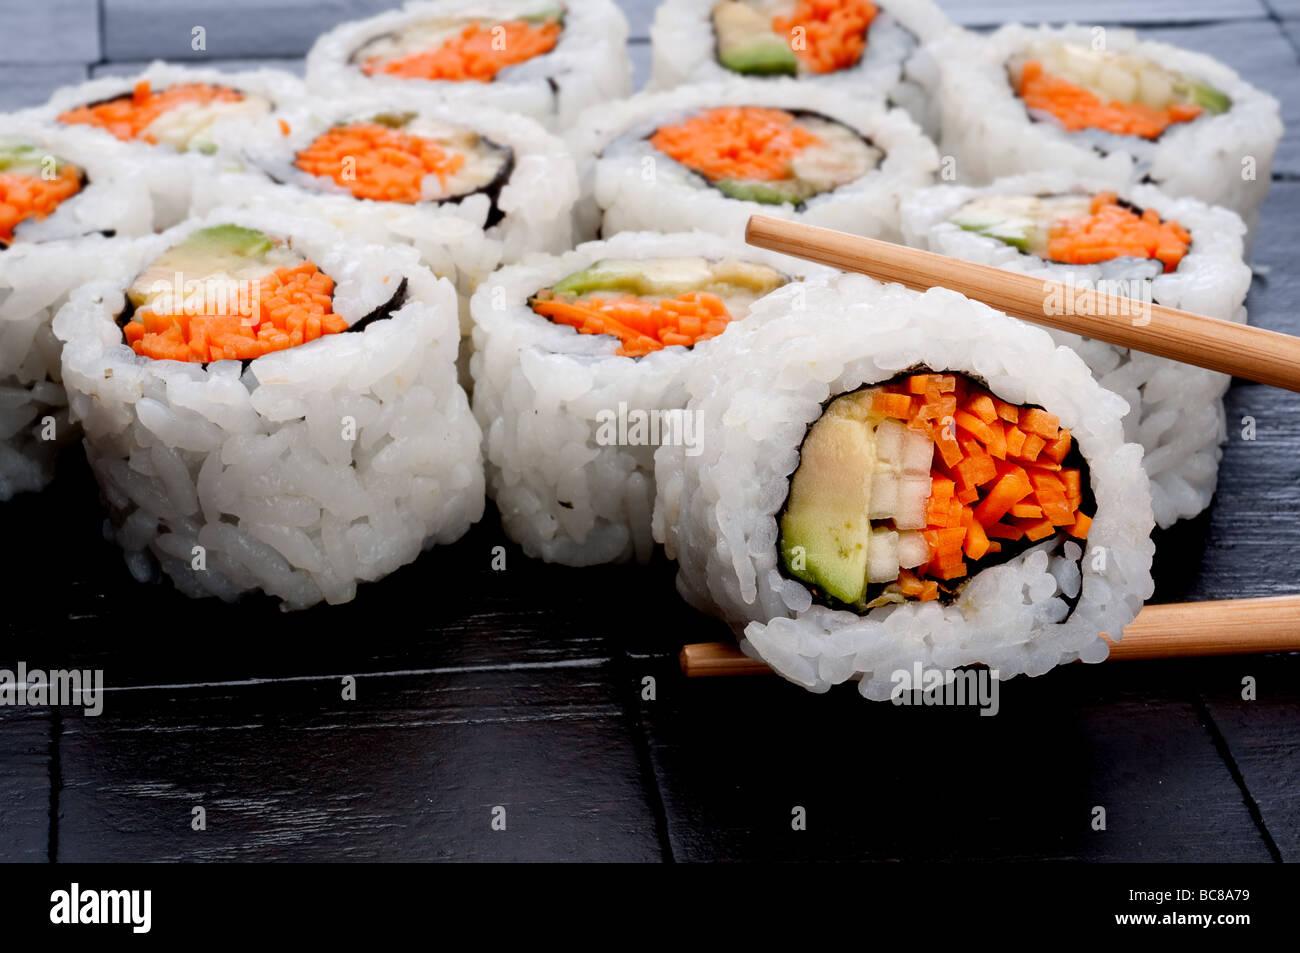 Tenue des baguettes en face de sushi sushi plus sur un fond texturé noir Photo Stock